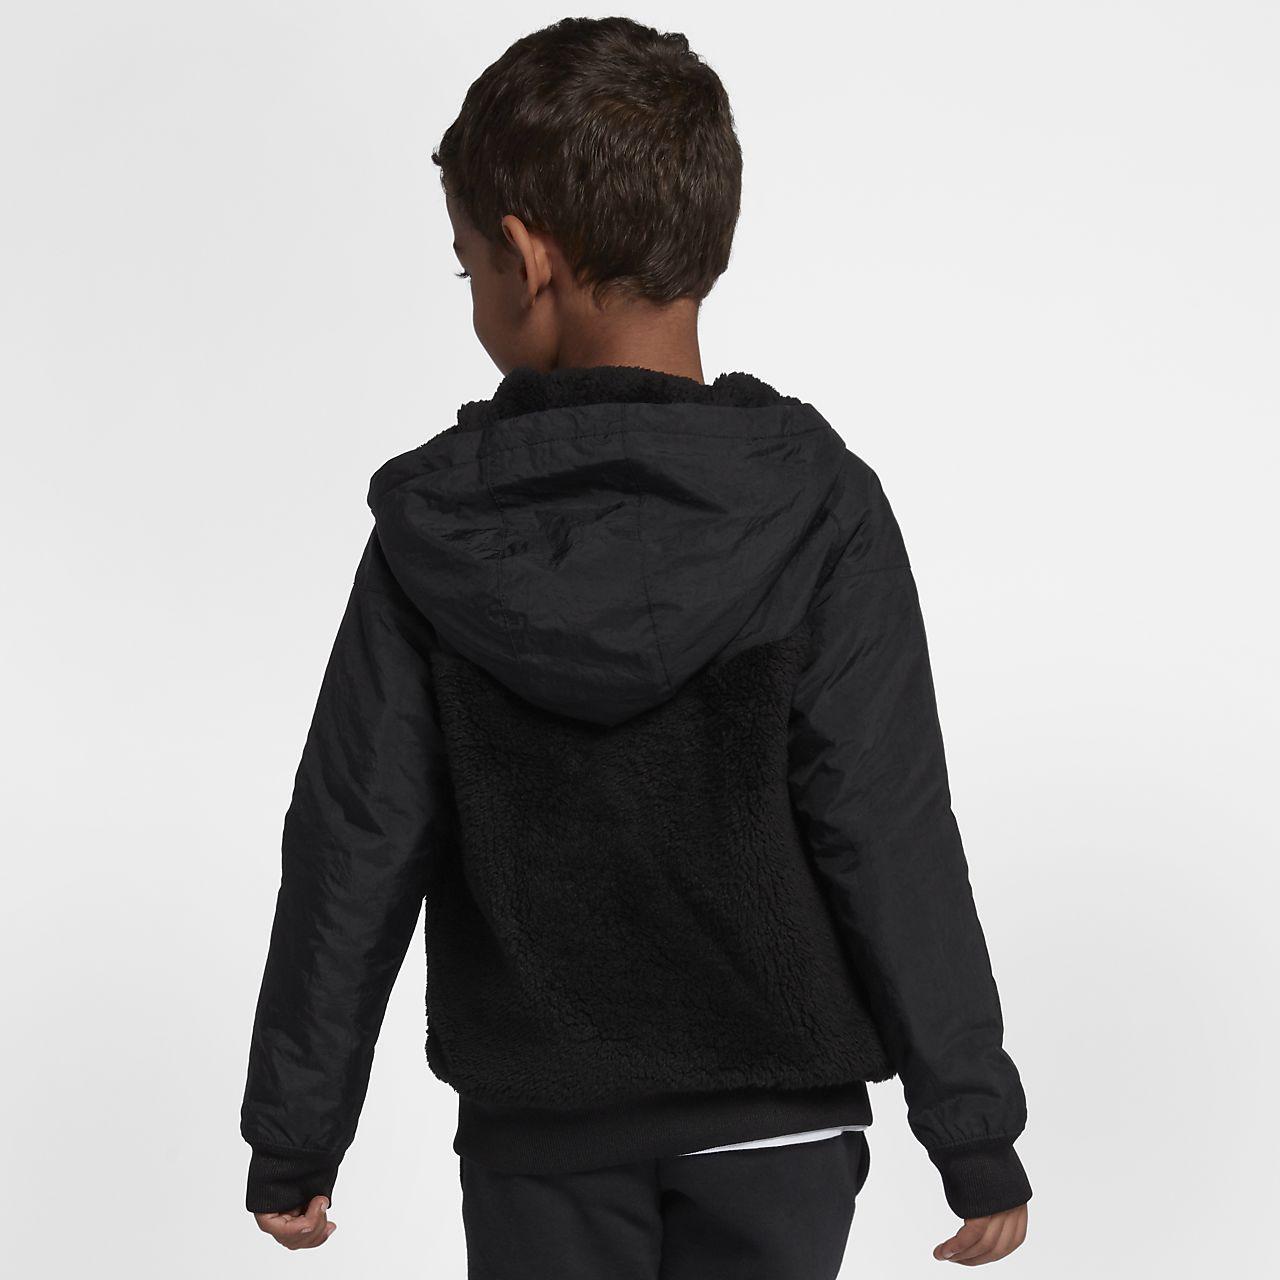 68d6a2be8e67 Nike Sportswear Windrunner Little Kids  Jacket. Nike.com